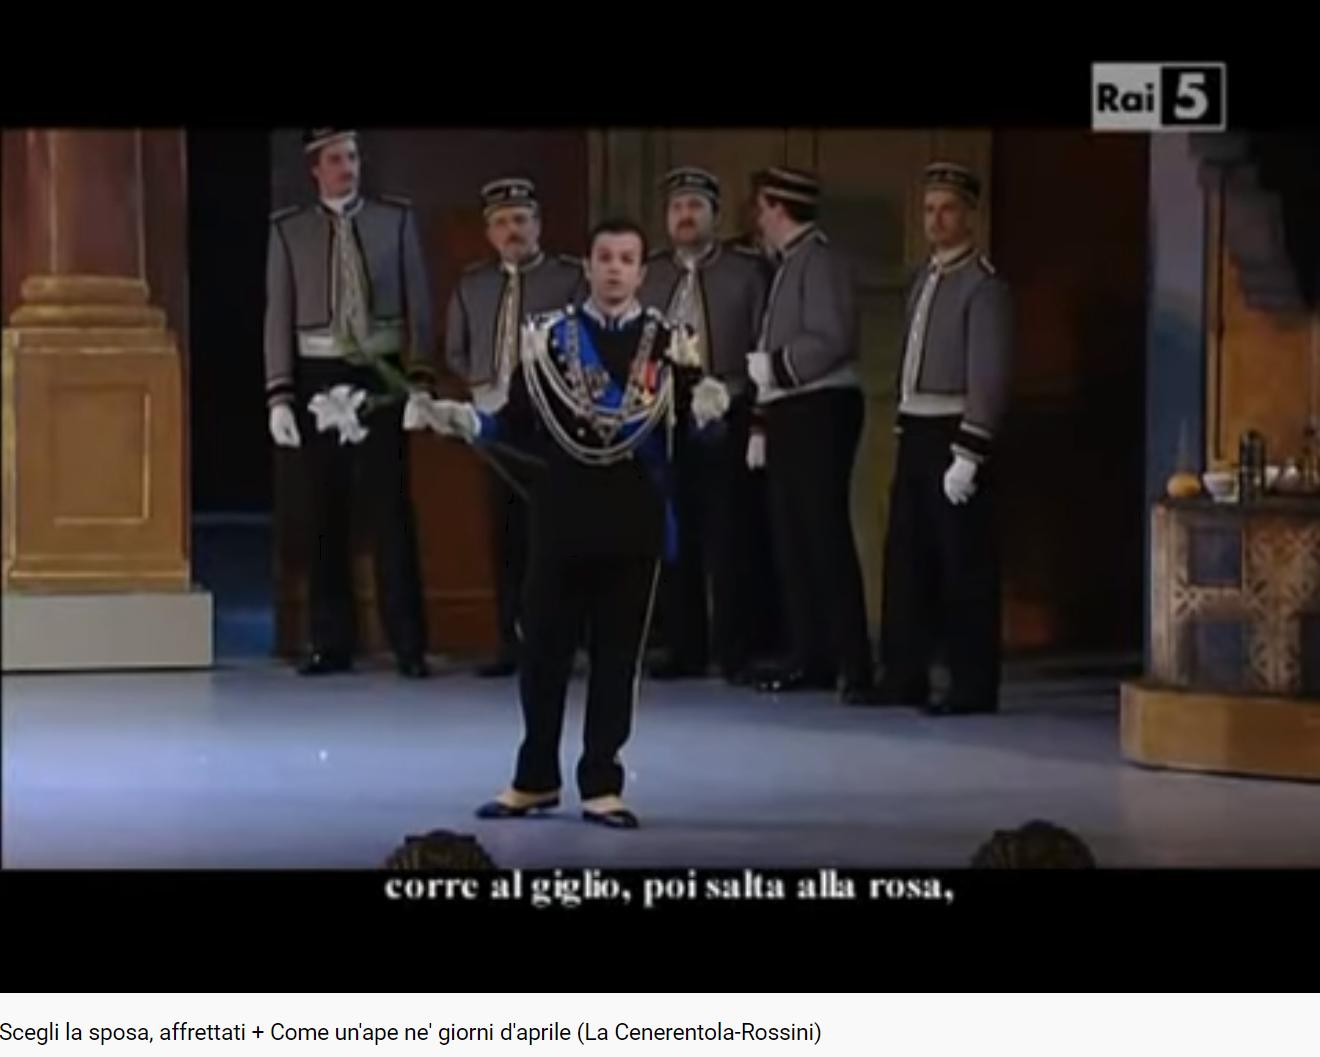 Rossini la Cenerentola Come un'ape ne' giorni d'aprile